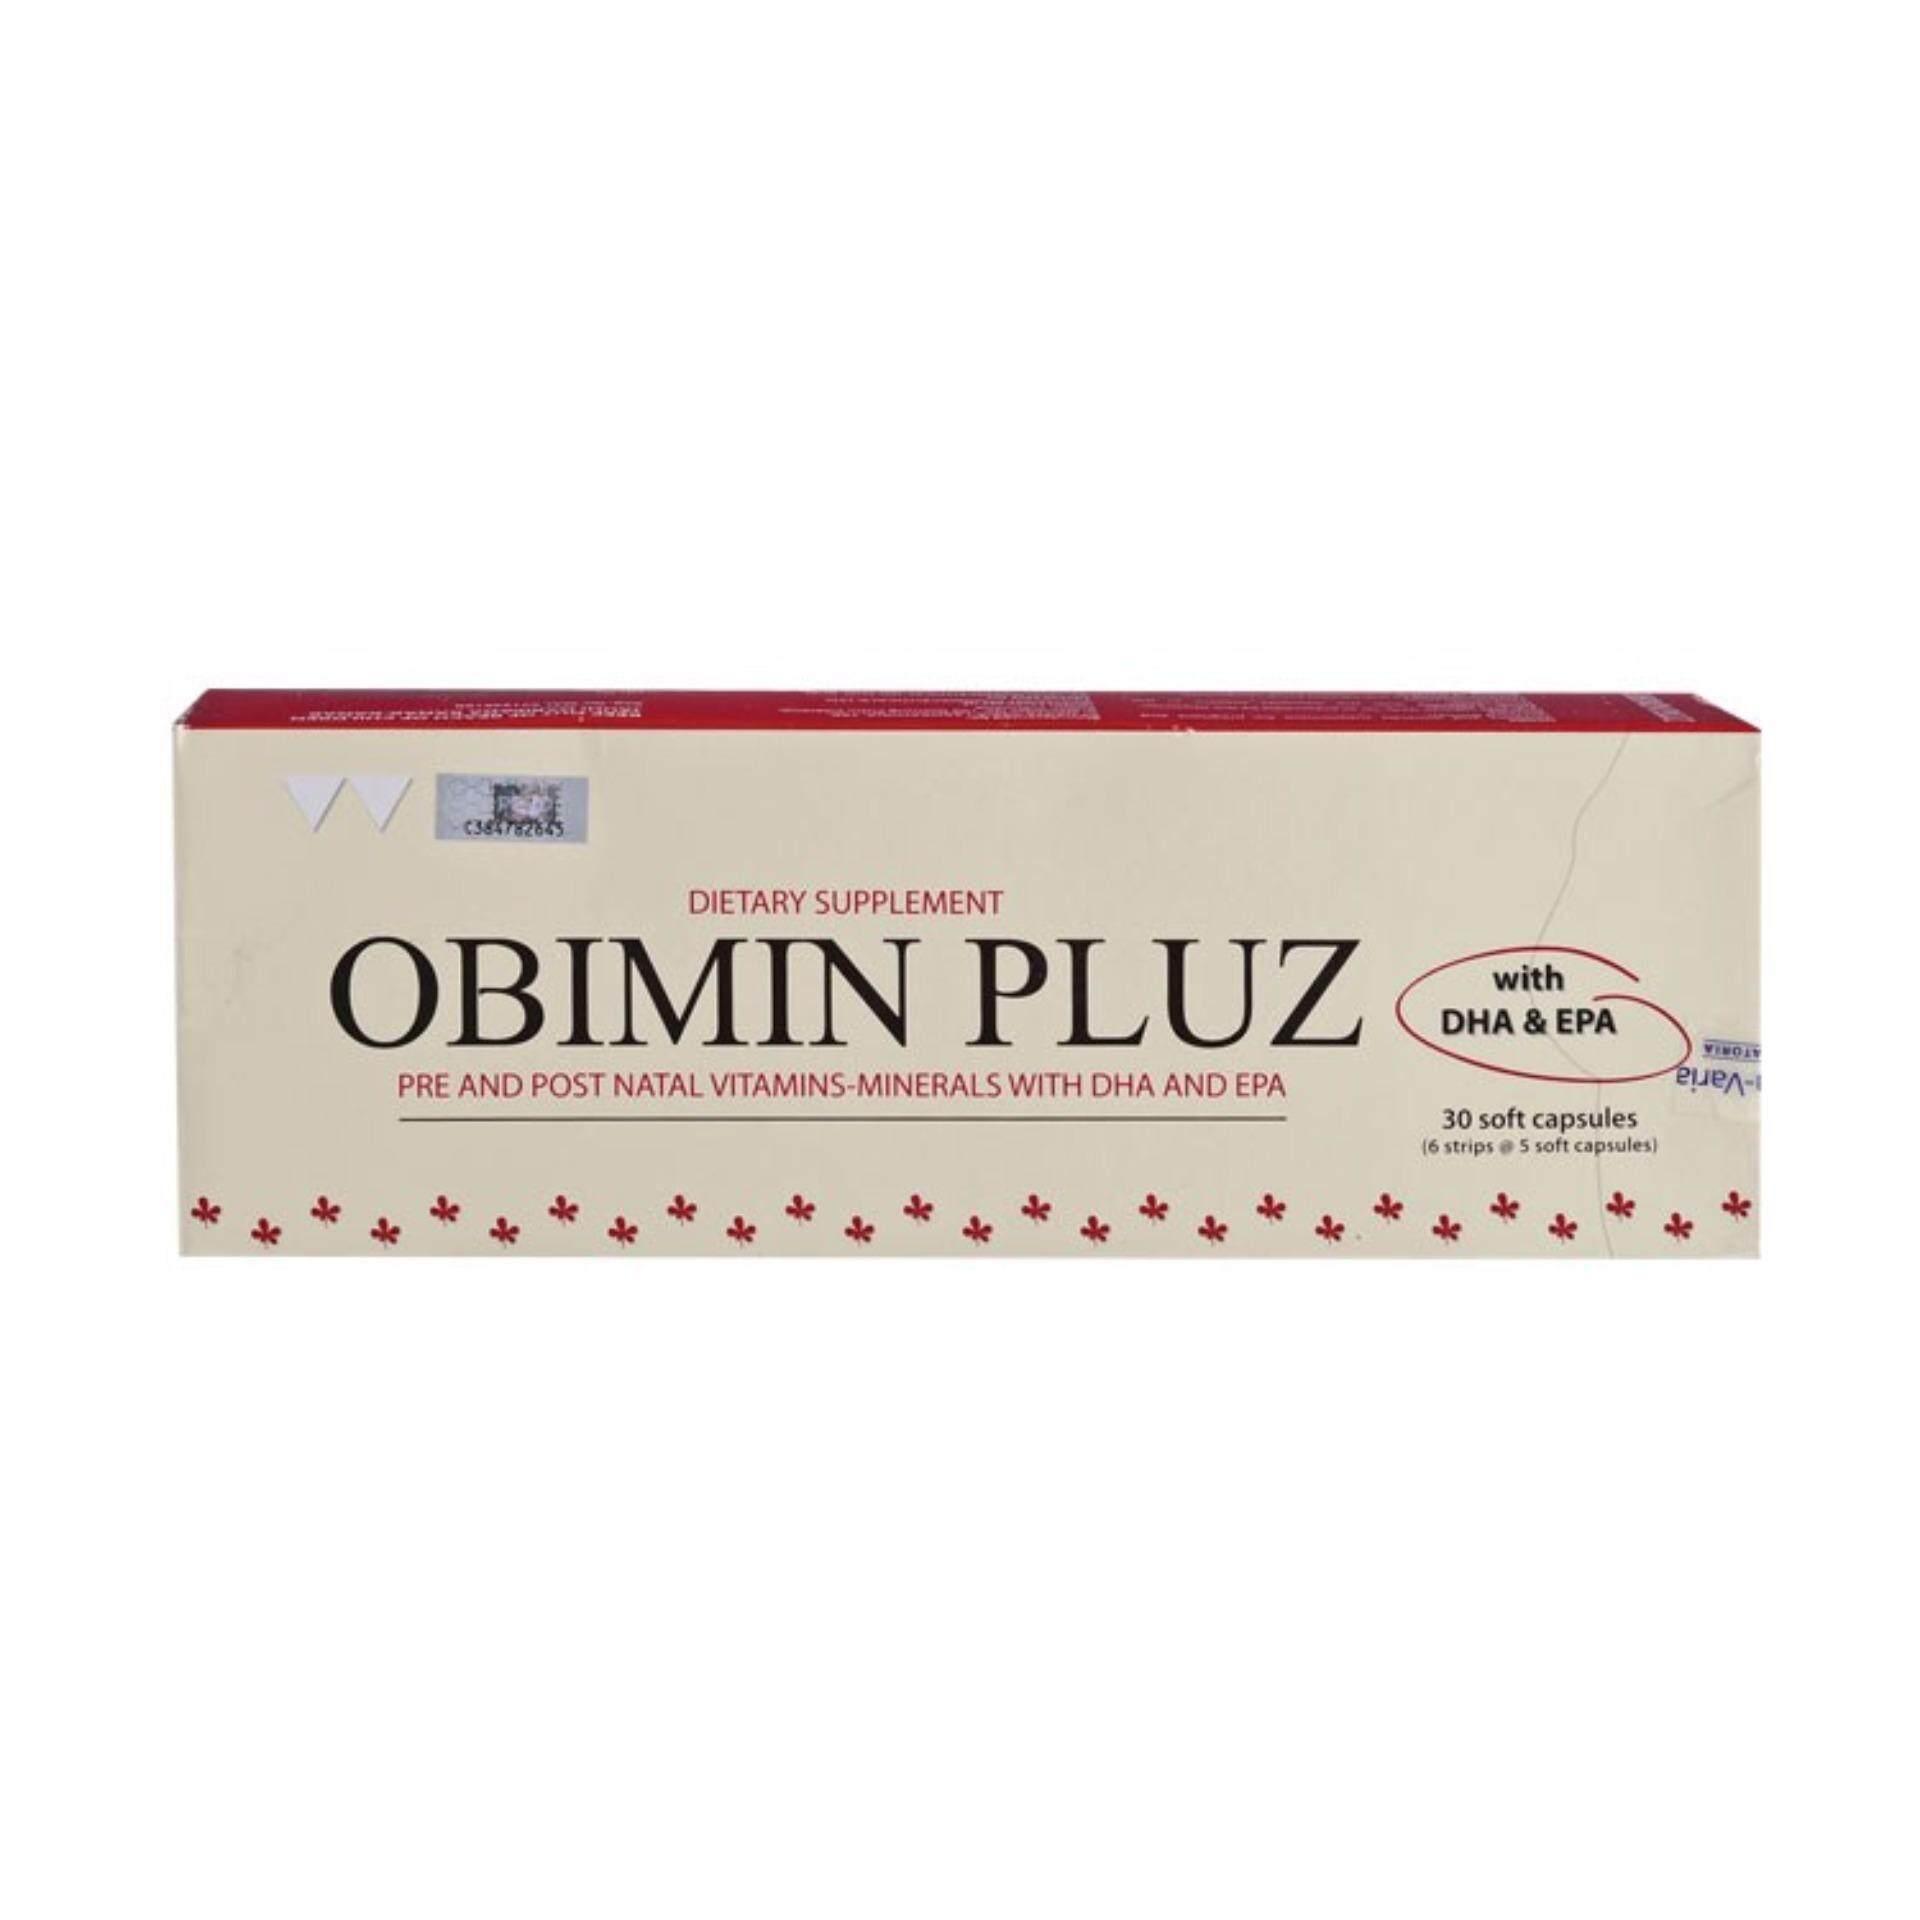 OBIMIN PLUZ 30S (FOR PREGNANCY & BREASTFEEDING)